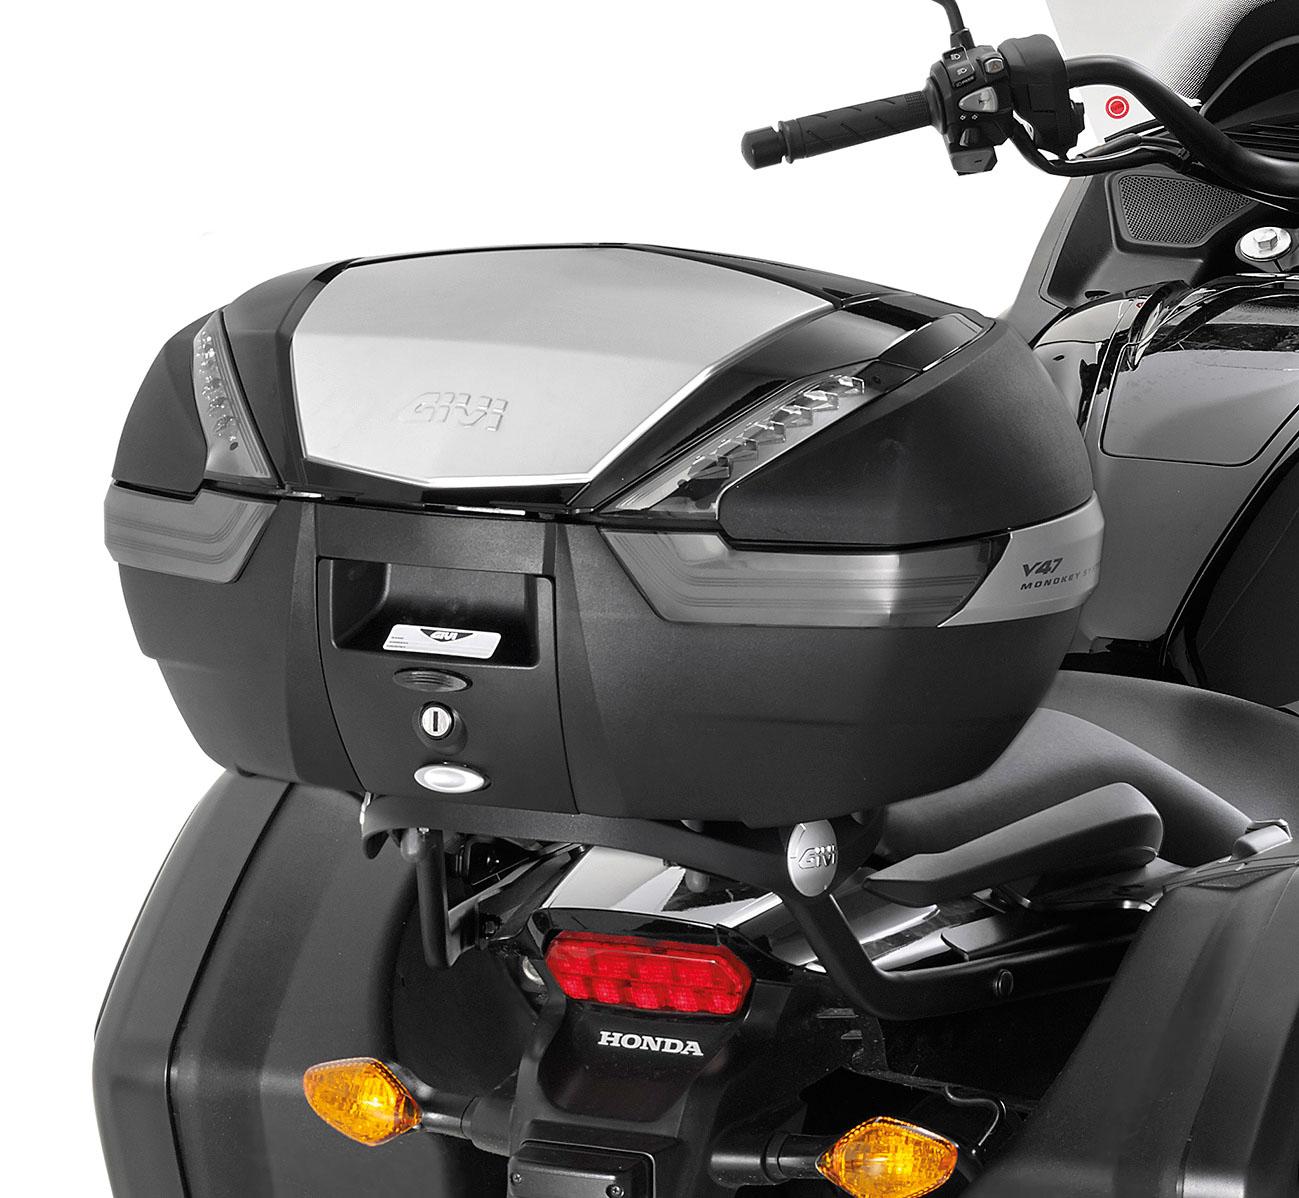 Soporte de baúl trasero Givi 1133FZ para moto Honda CTX 700 DCT 2014>